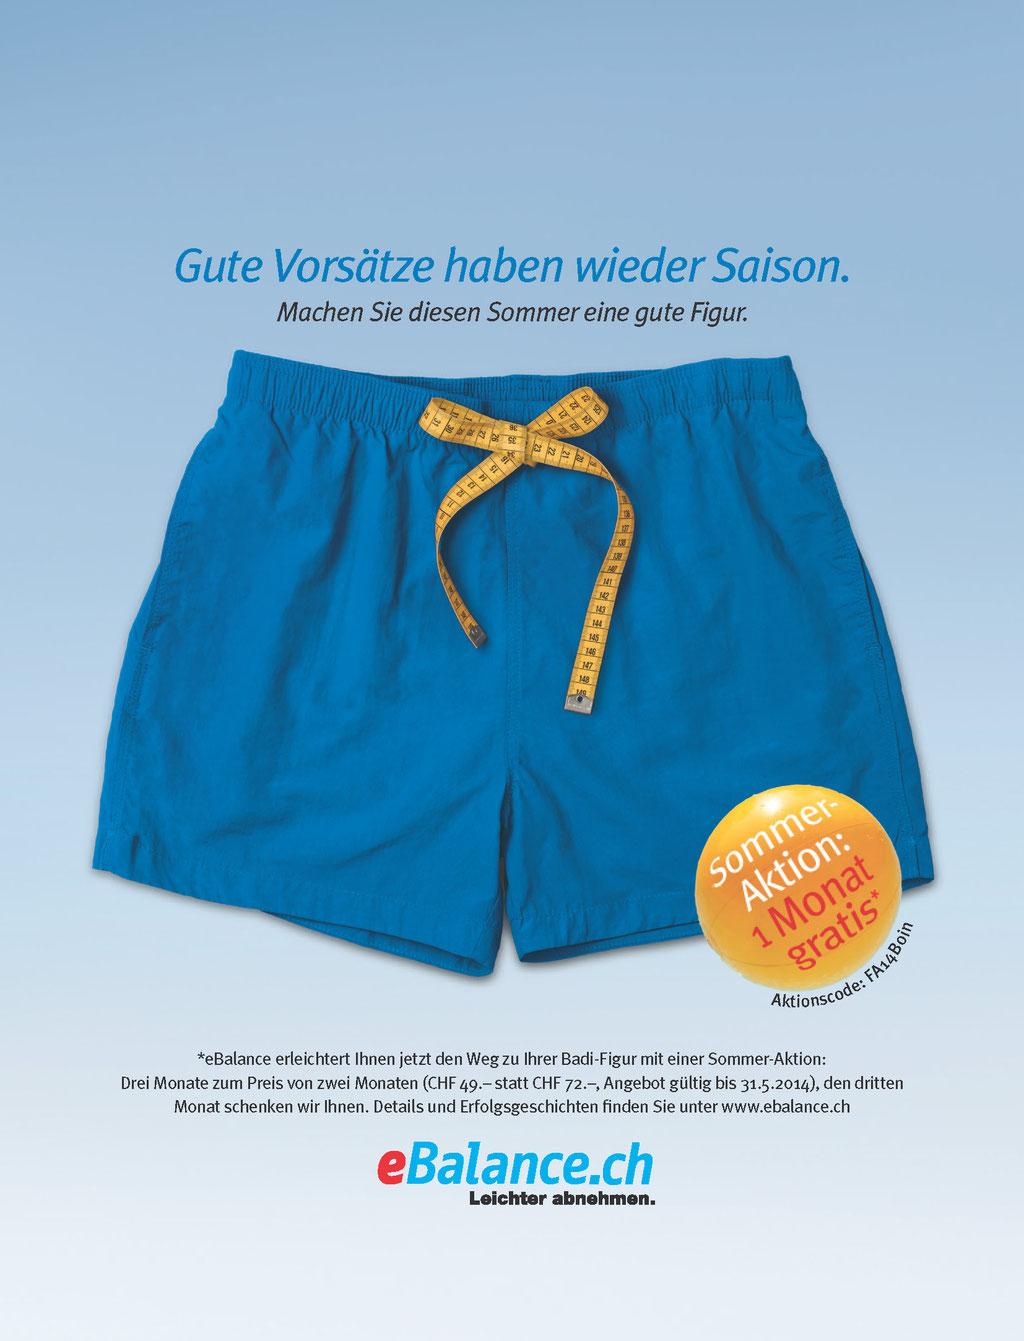 eBalance Kampagne Sommerfigur